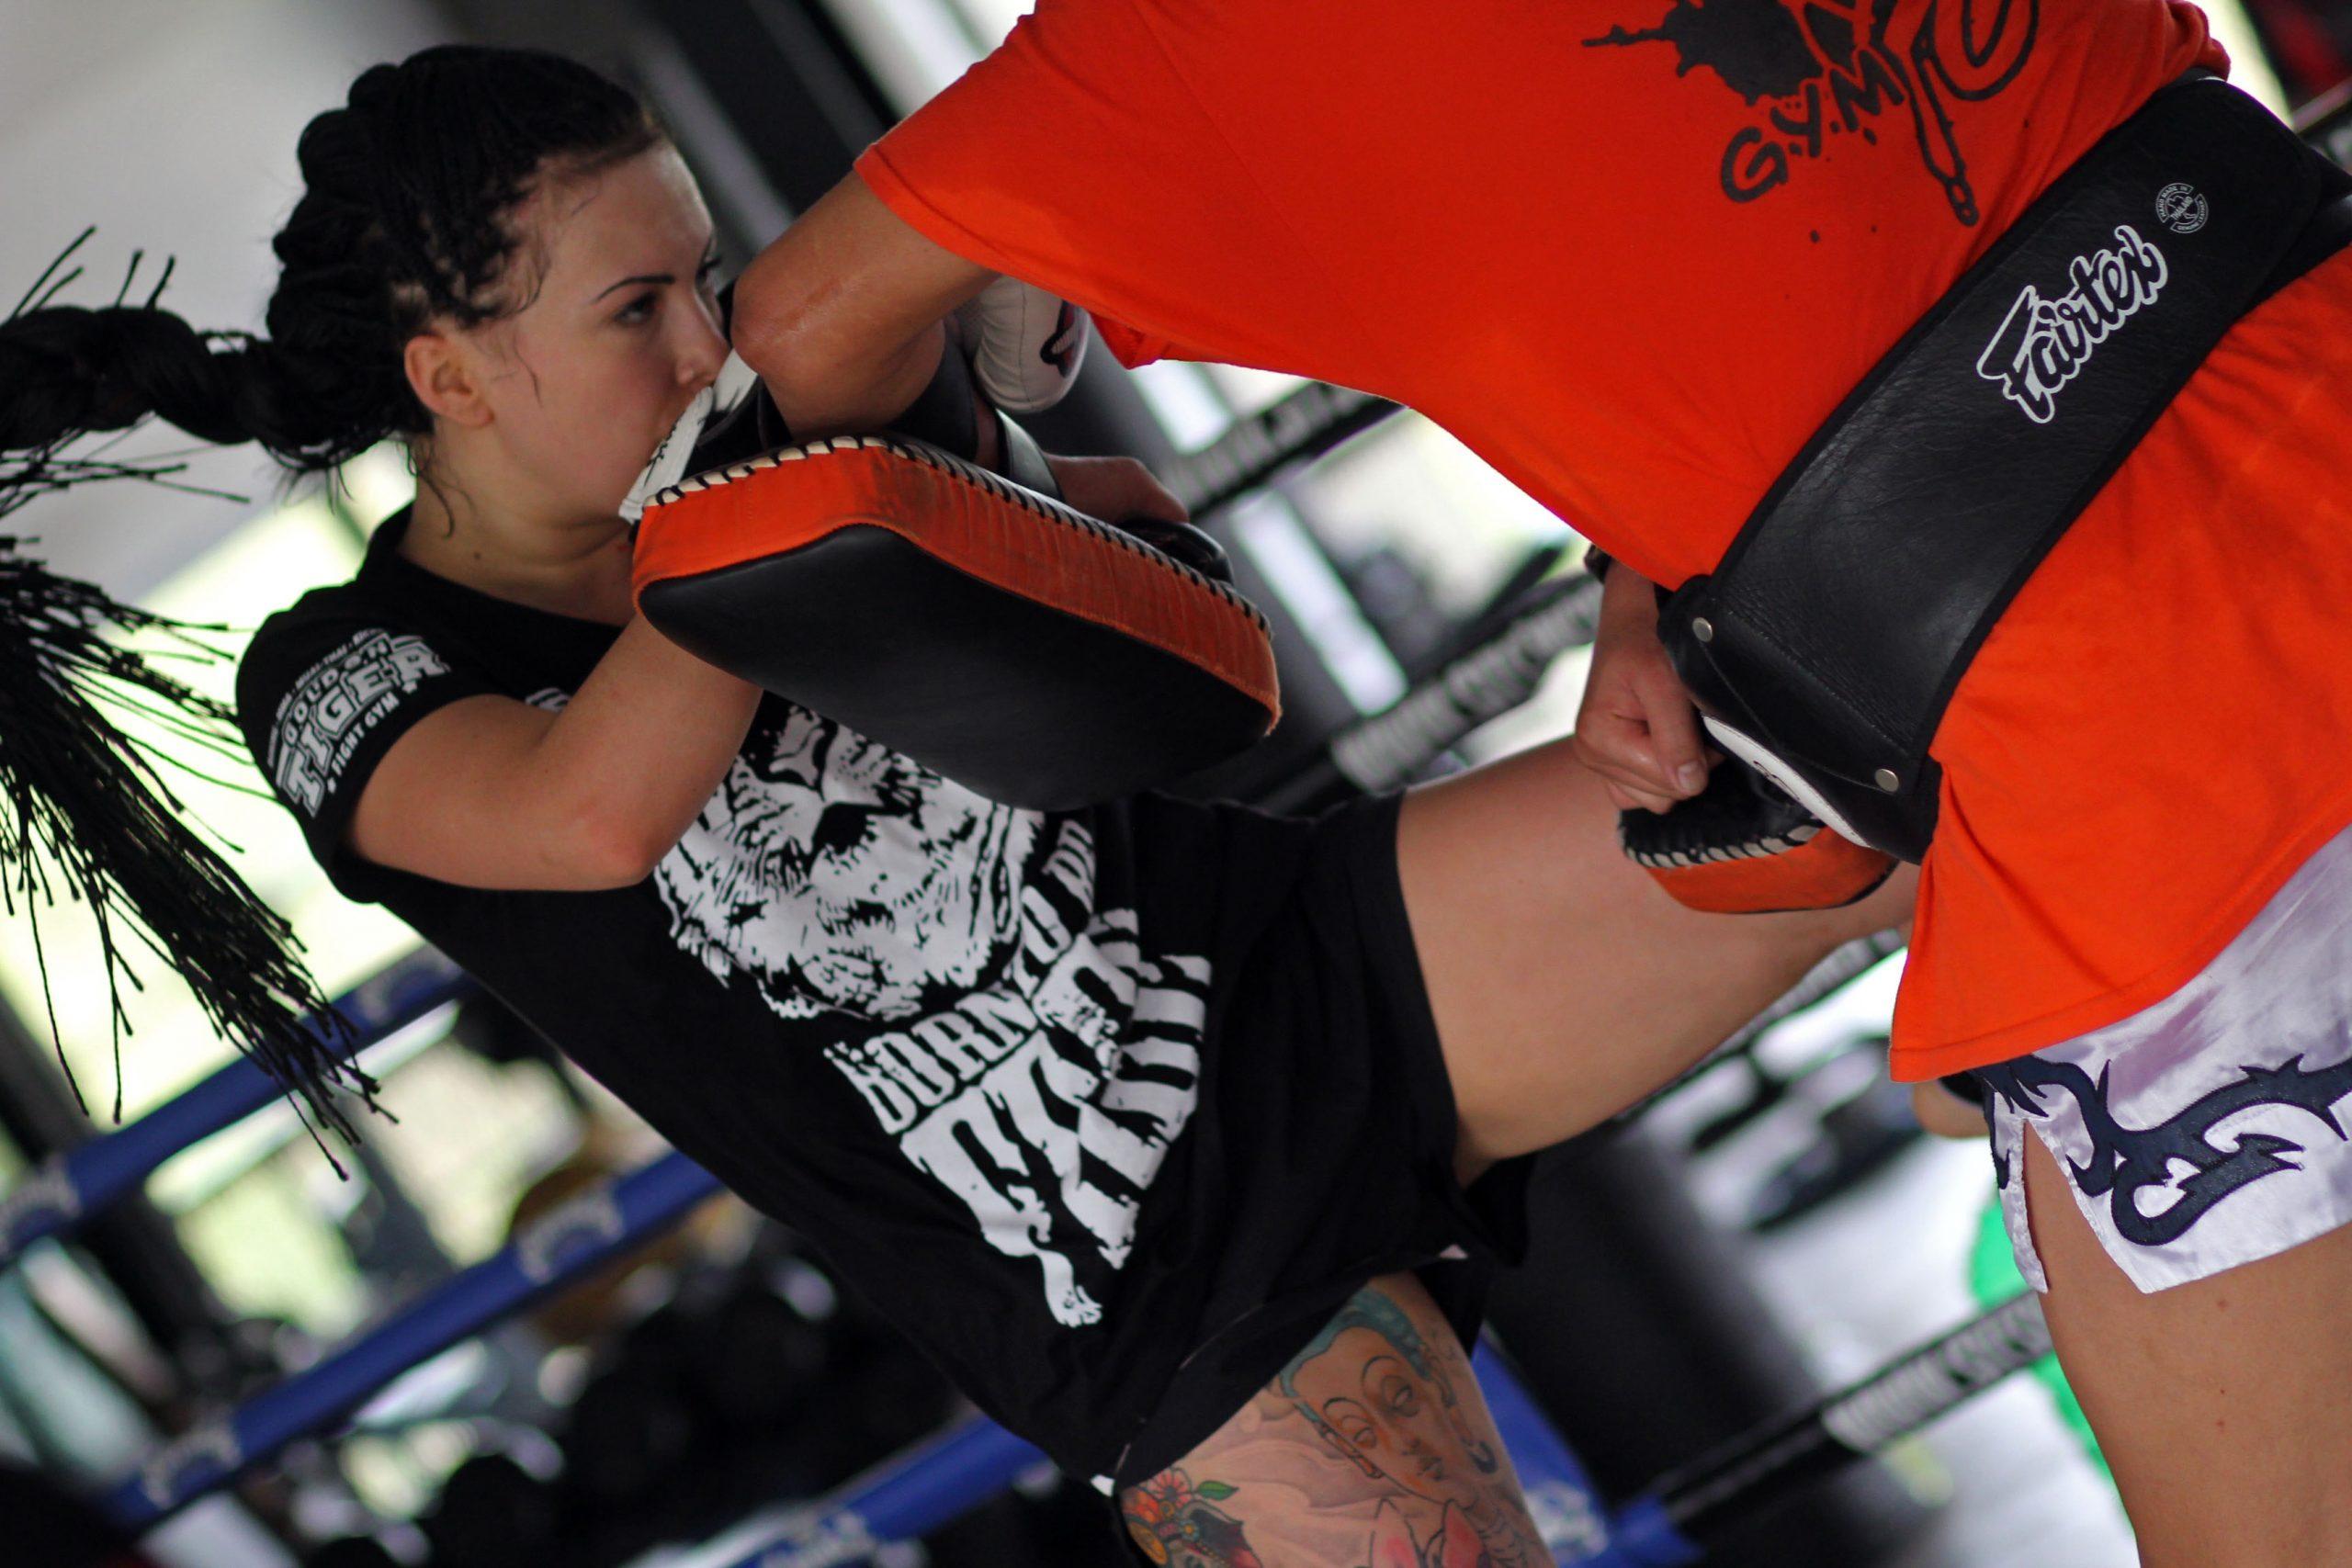 Imagem de uma mulher lutando.